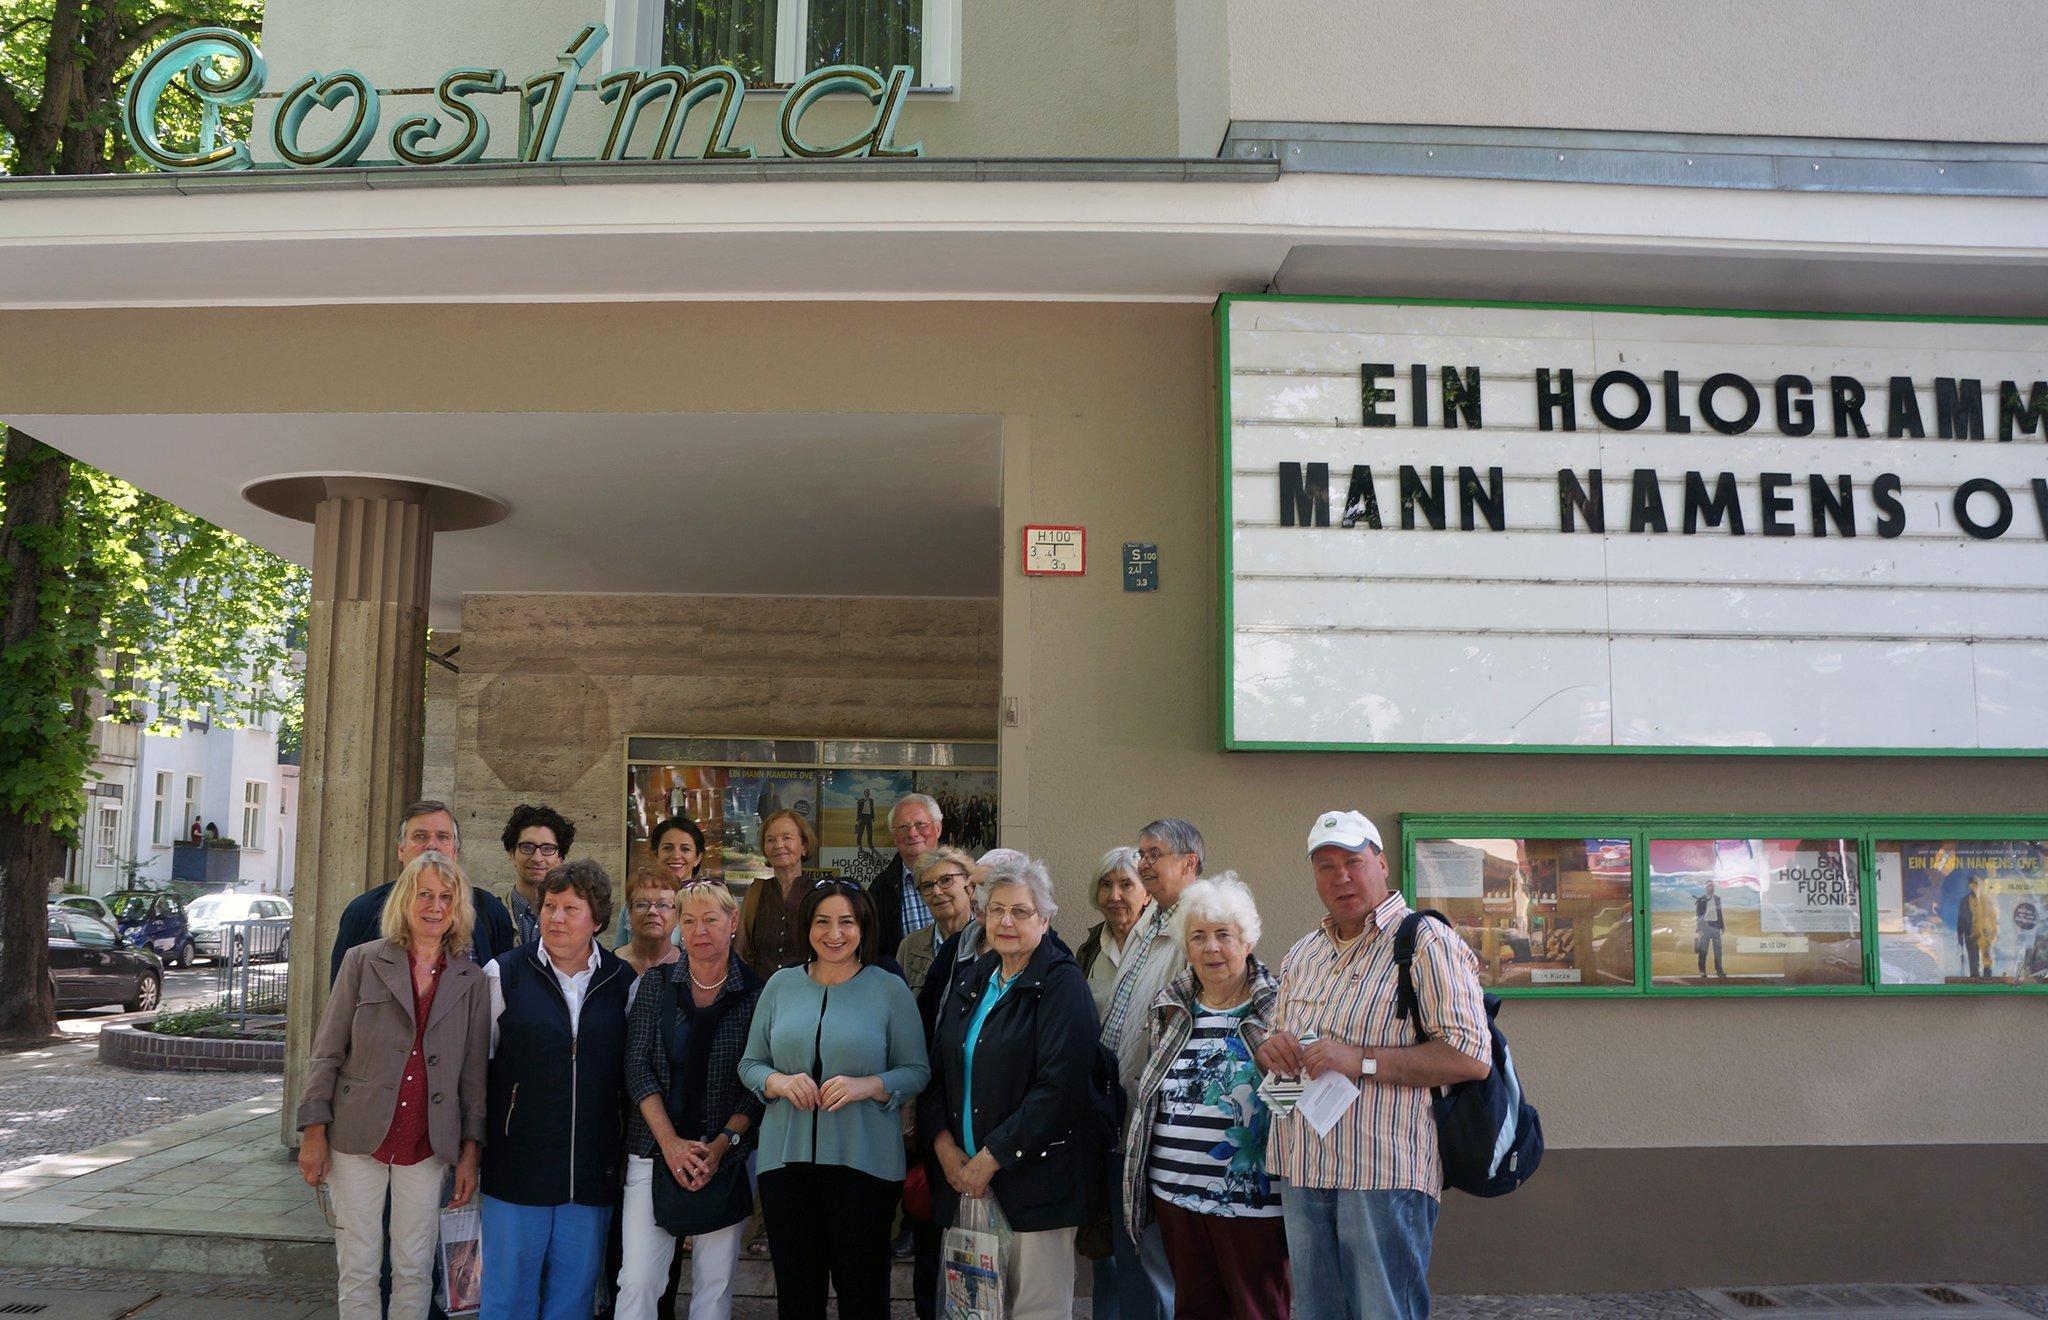 Cosima Filmtheater